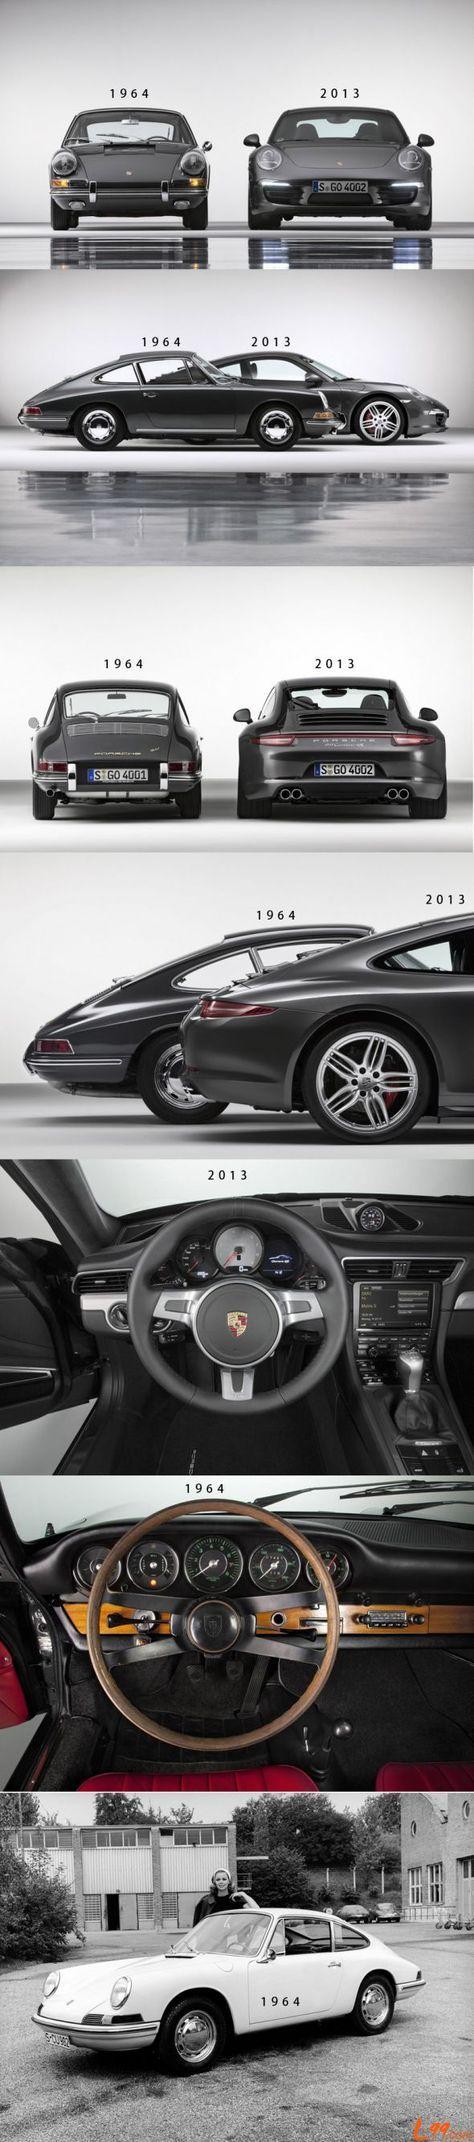 Porsche 911 ~ 1964 vs 2013 || #audivehicles